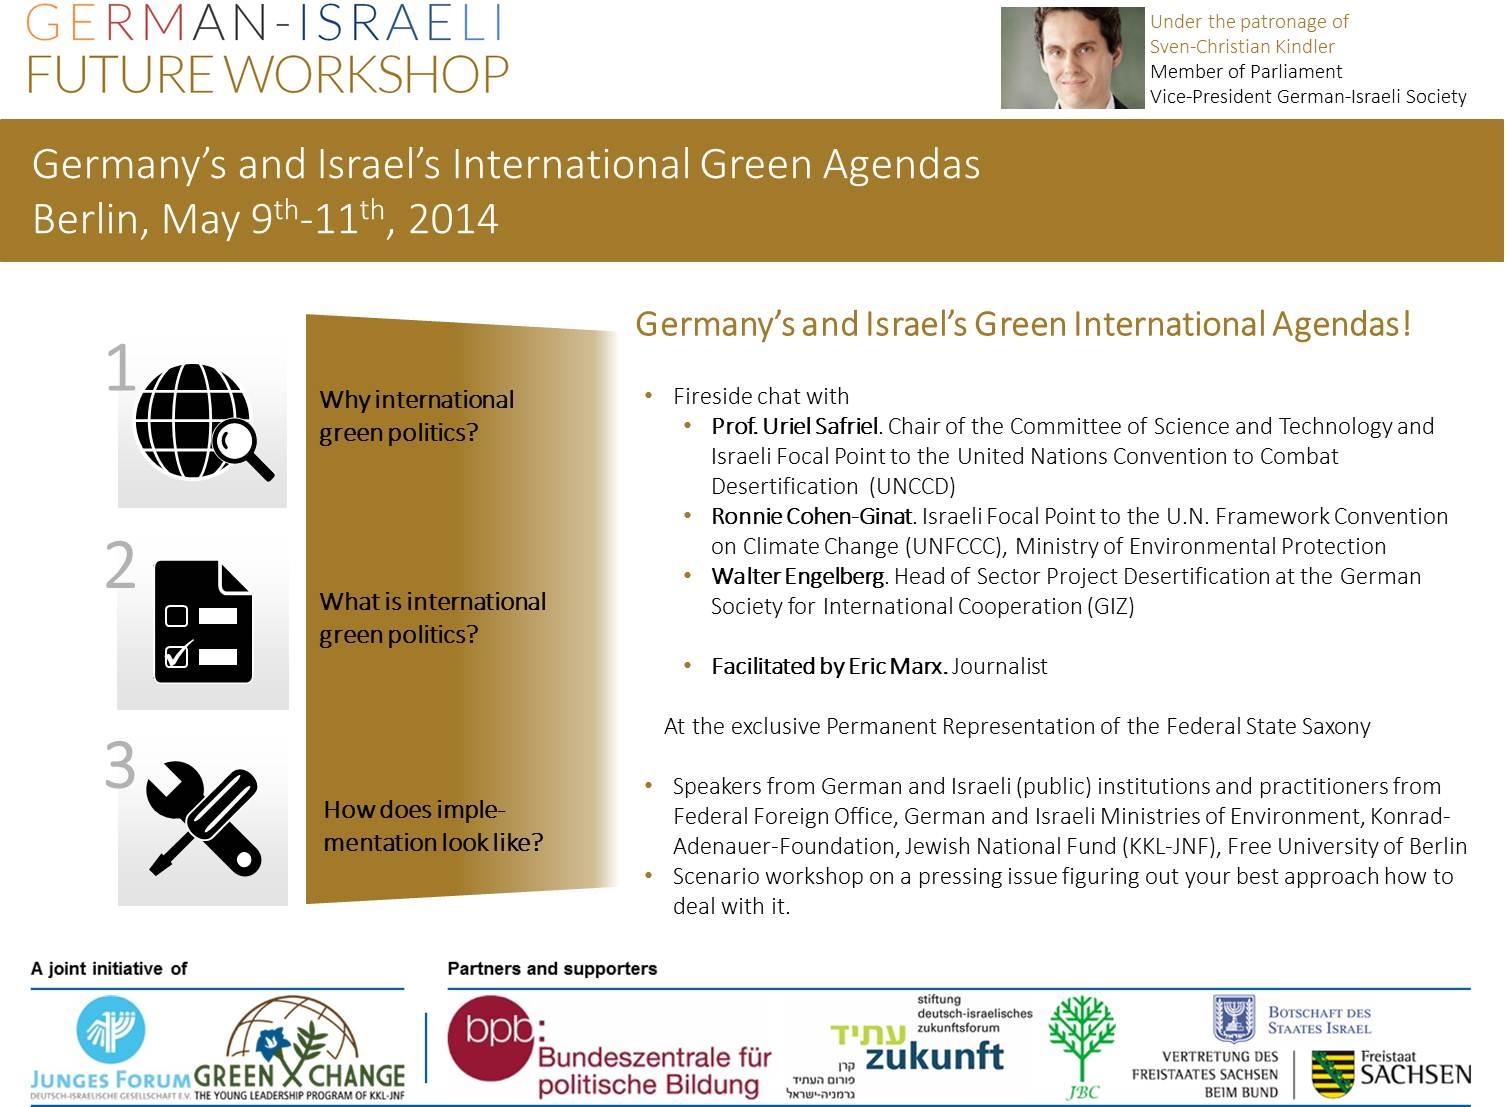 German-Israeli Future Workshop